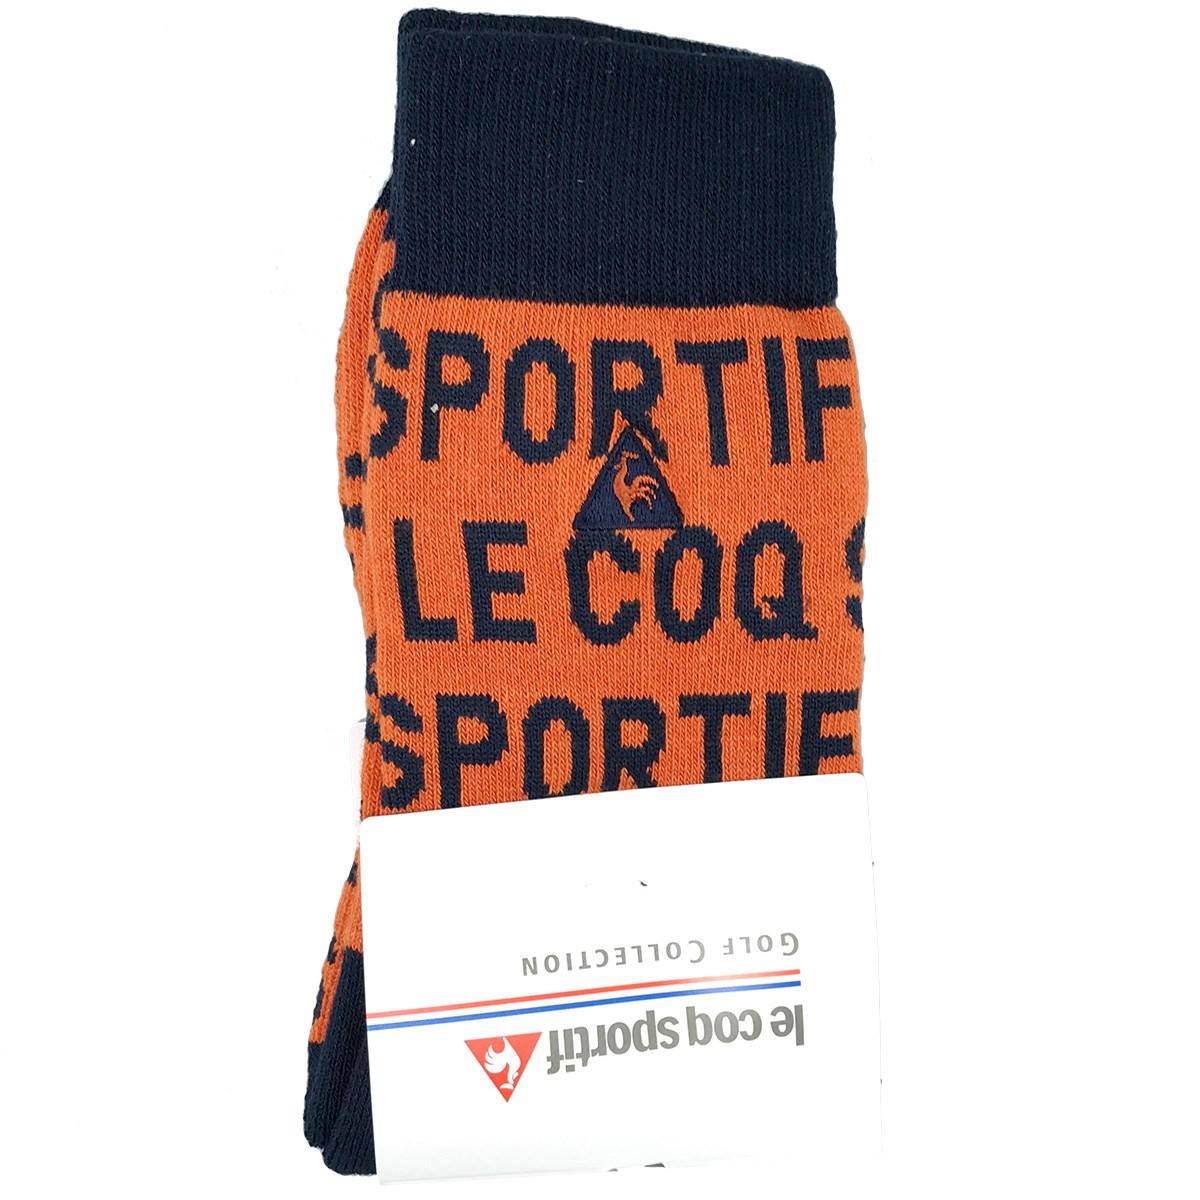 ルコックゴルフ Le coq sportif GOLF ロゴジャカード レギュラーソックス フリー オレンジ 00 レディス